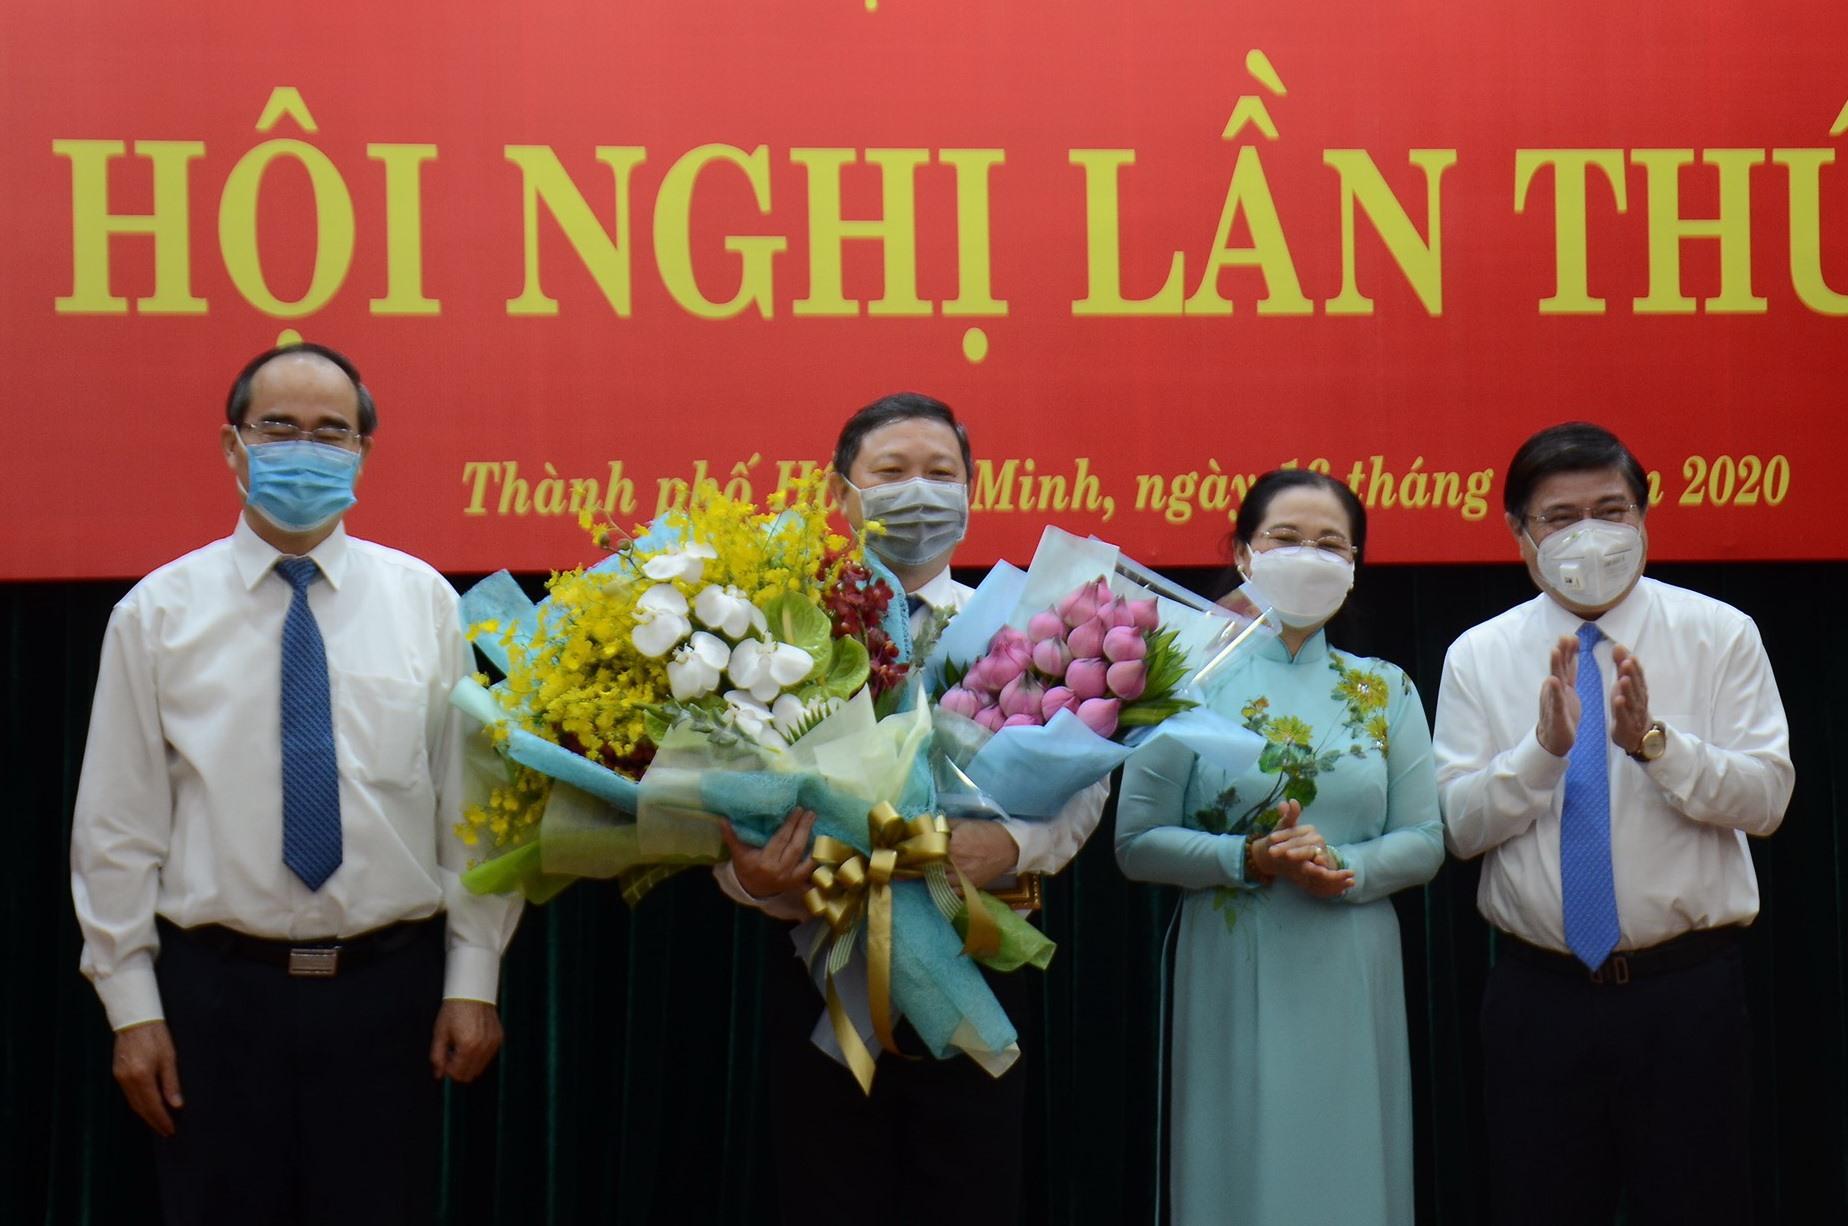 Bí thư Thành ủy TPHCM Nguyễn Thiện Nhân và lãnh đạo TPHCM chúc mừng ông chí Dương Anh Đức.  Ảnh: Trung tâm báo chí TPHCM